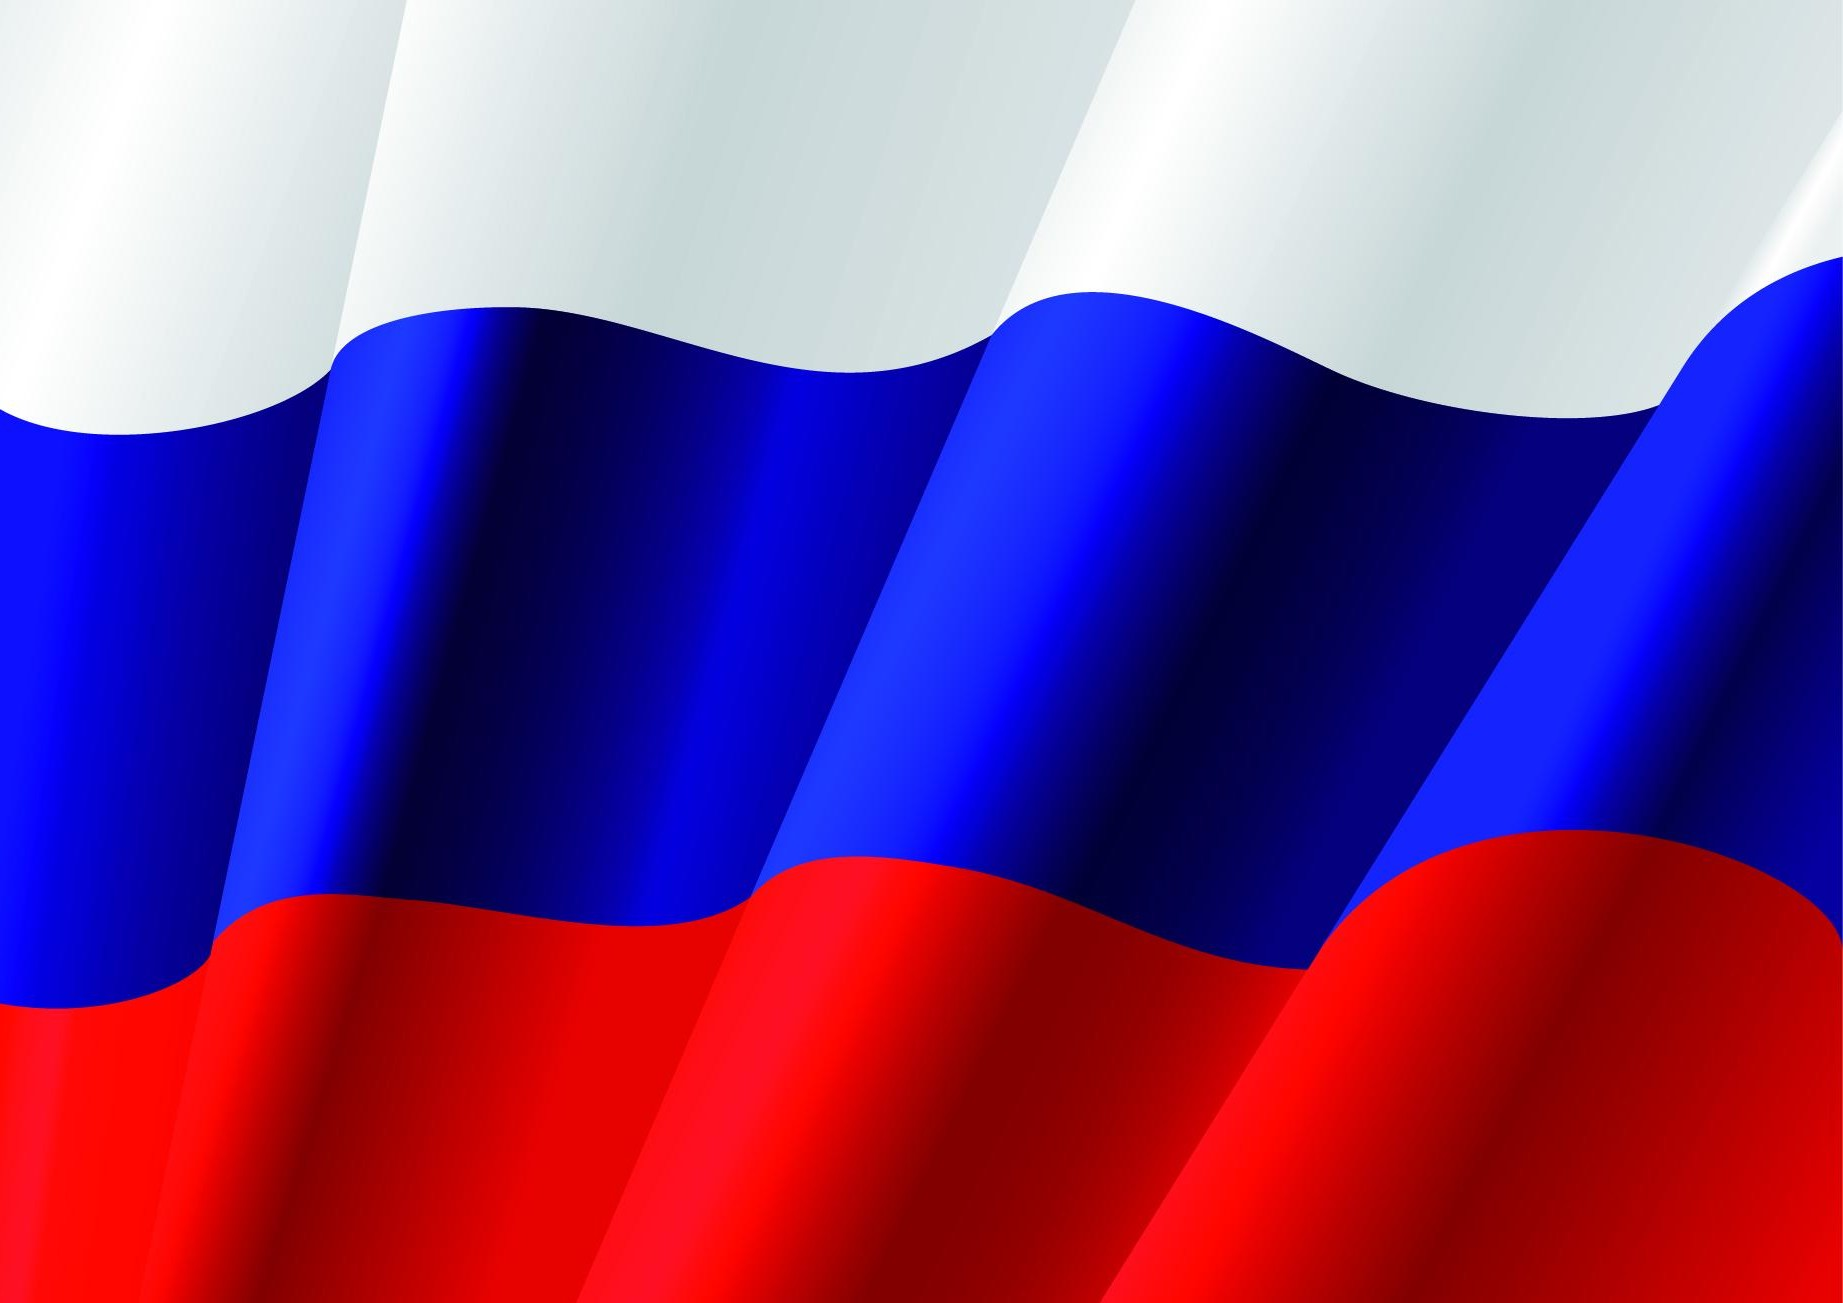 Russian Flag Wallpaper Background - WallpaperSafari